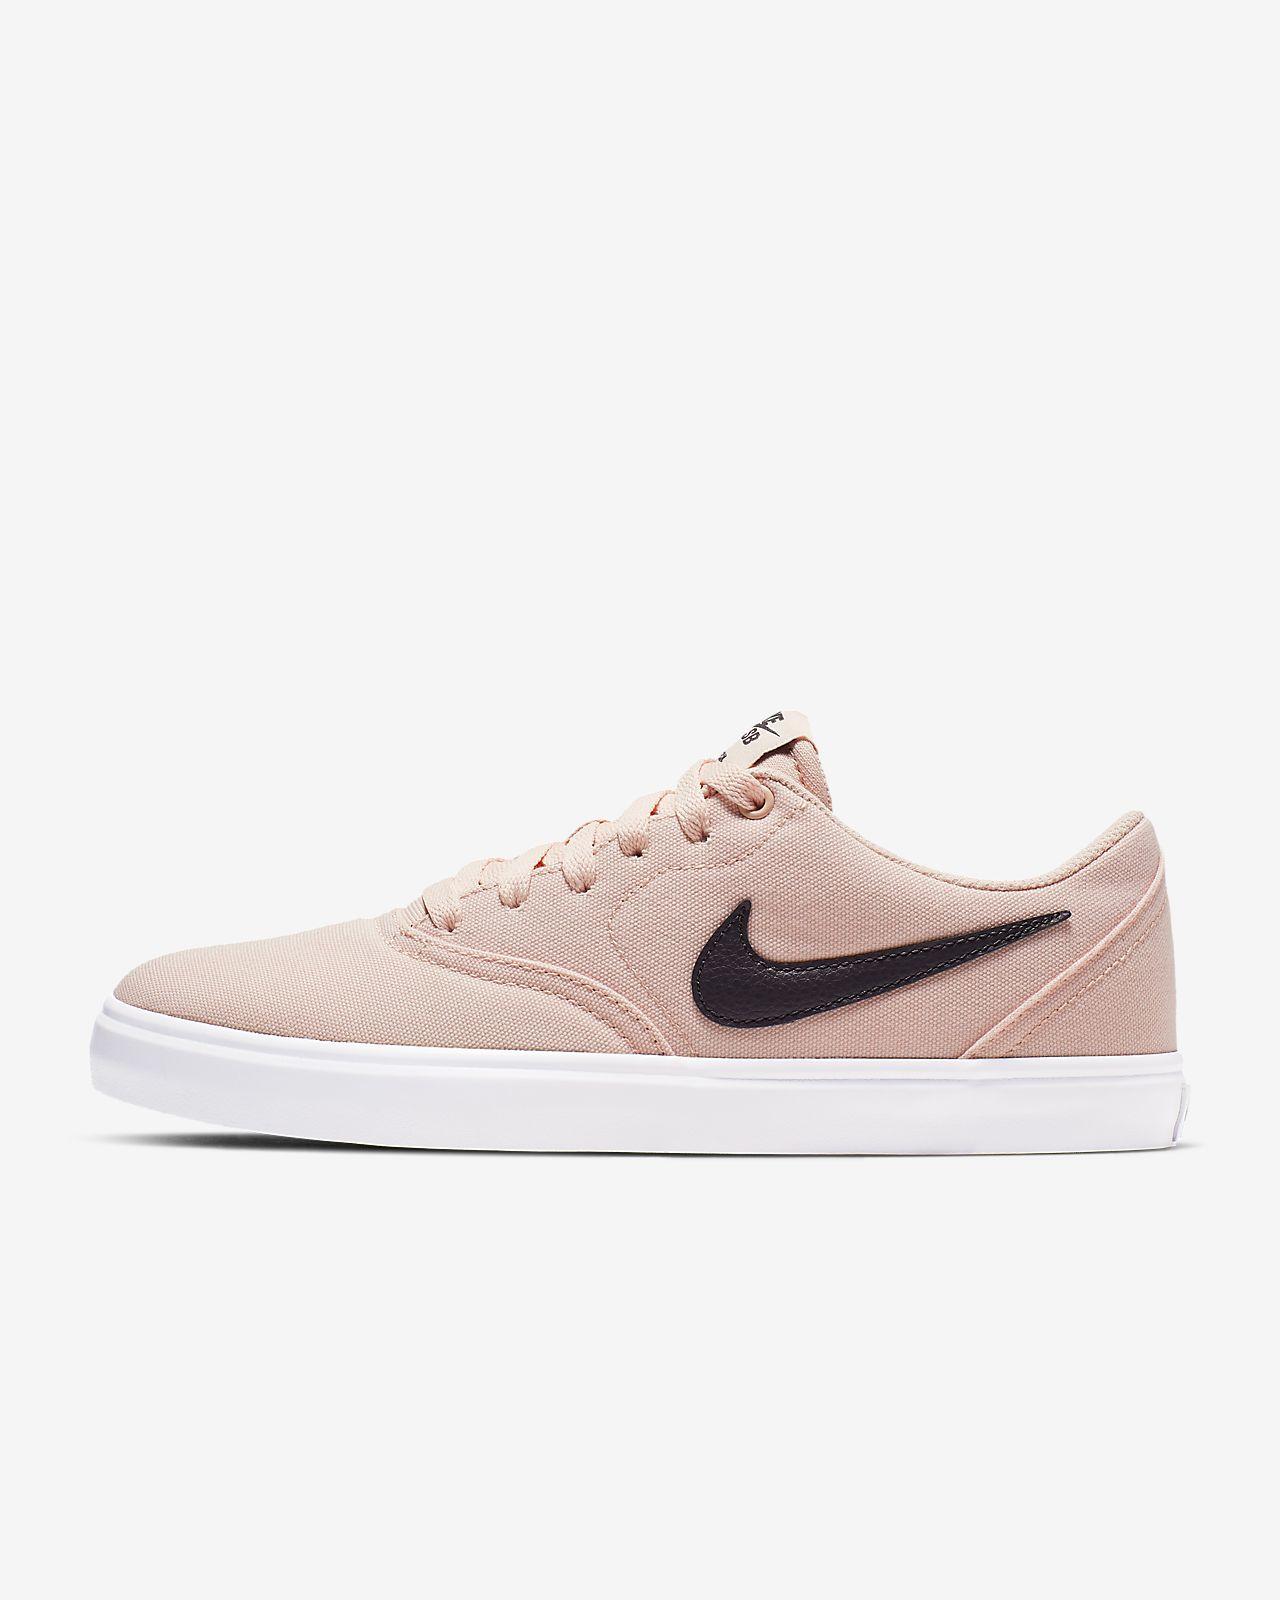 รองเท้าสเก็ตบอร์ดผู้หญิง Nike SB Check Solarsoft Canvas